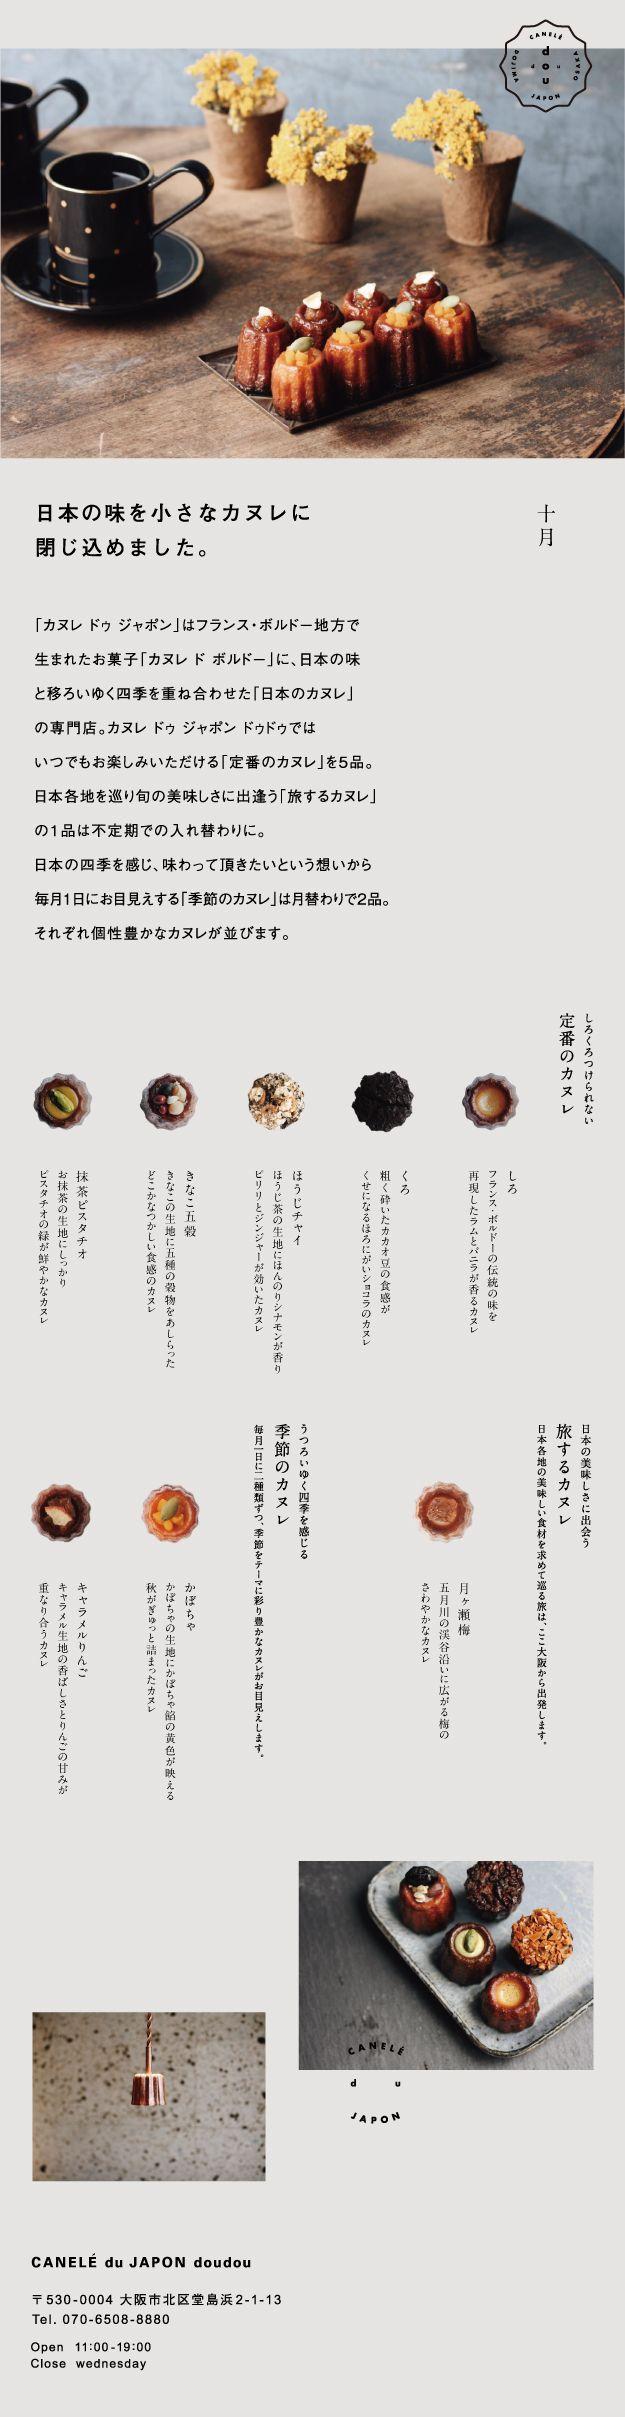 CANELE du JAPON doudou - カヌレ堂堂島店 -